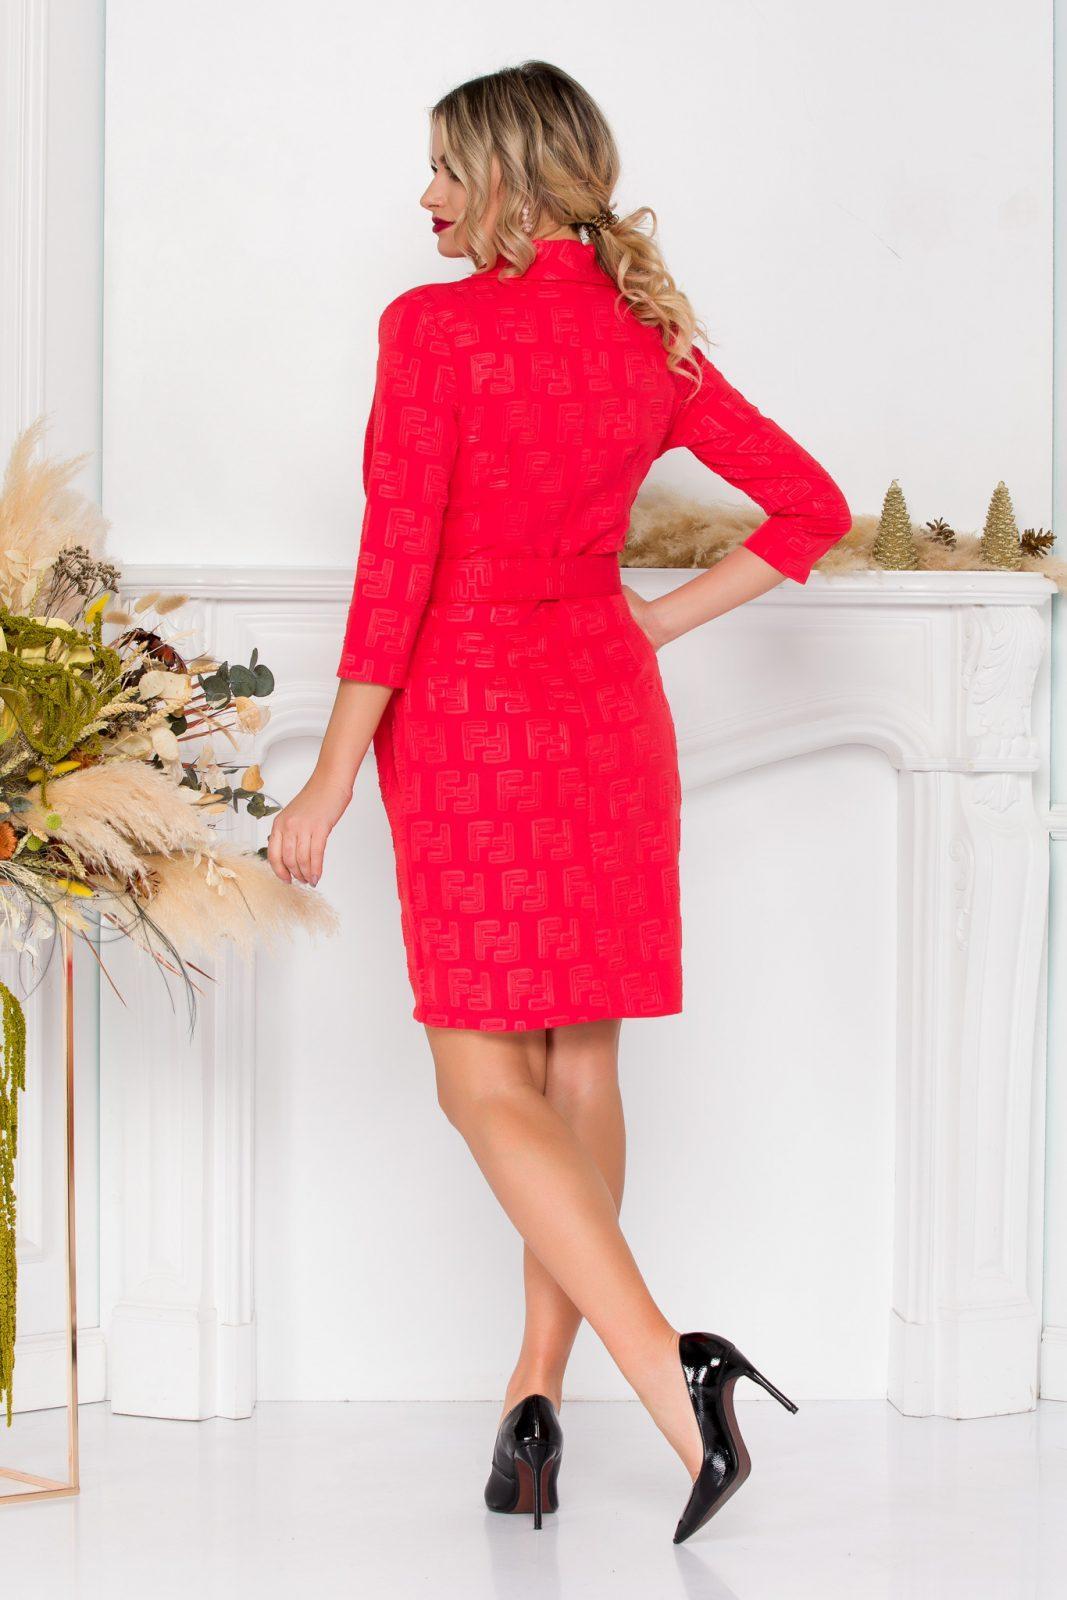 Κοράλι Φόρεμα Με Ζώνη Deea 8900 1